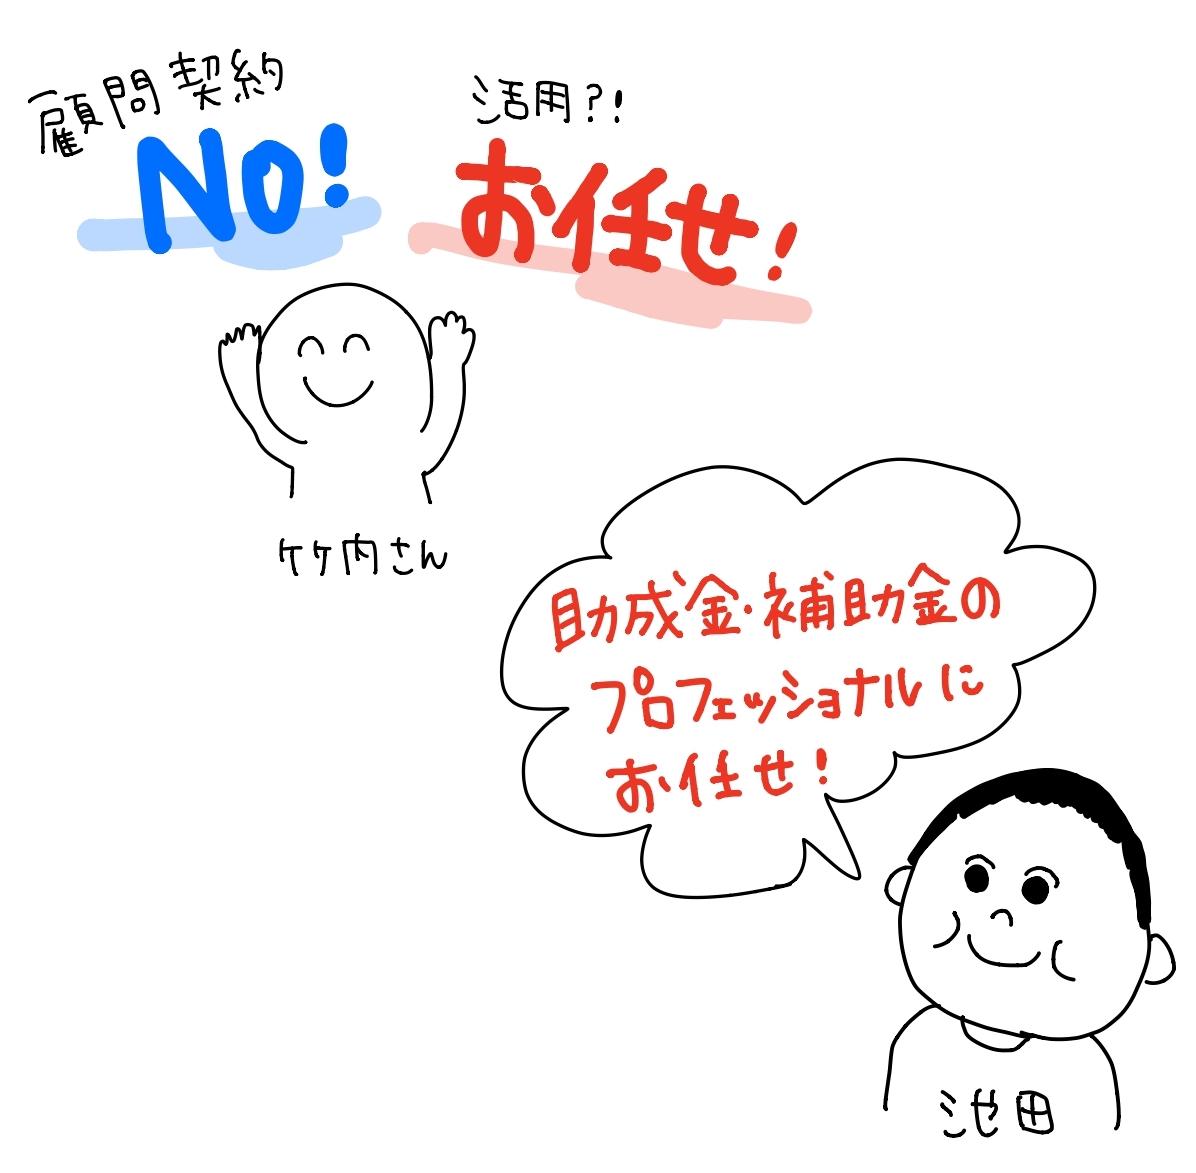 補助金や助成金のことならウィル・スキル・アソシエイト株式会社の竹内慎也さん